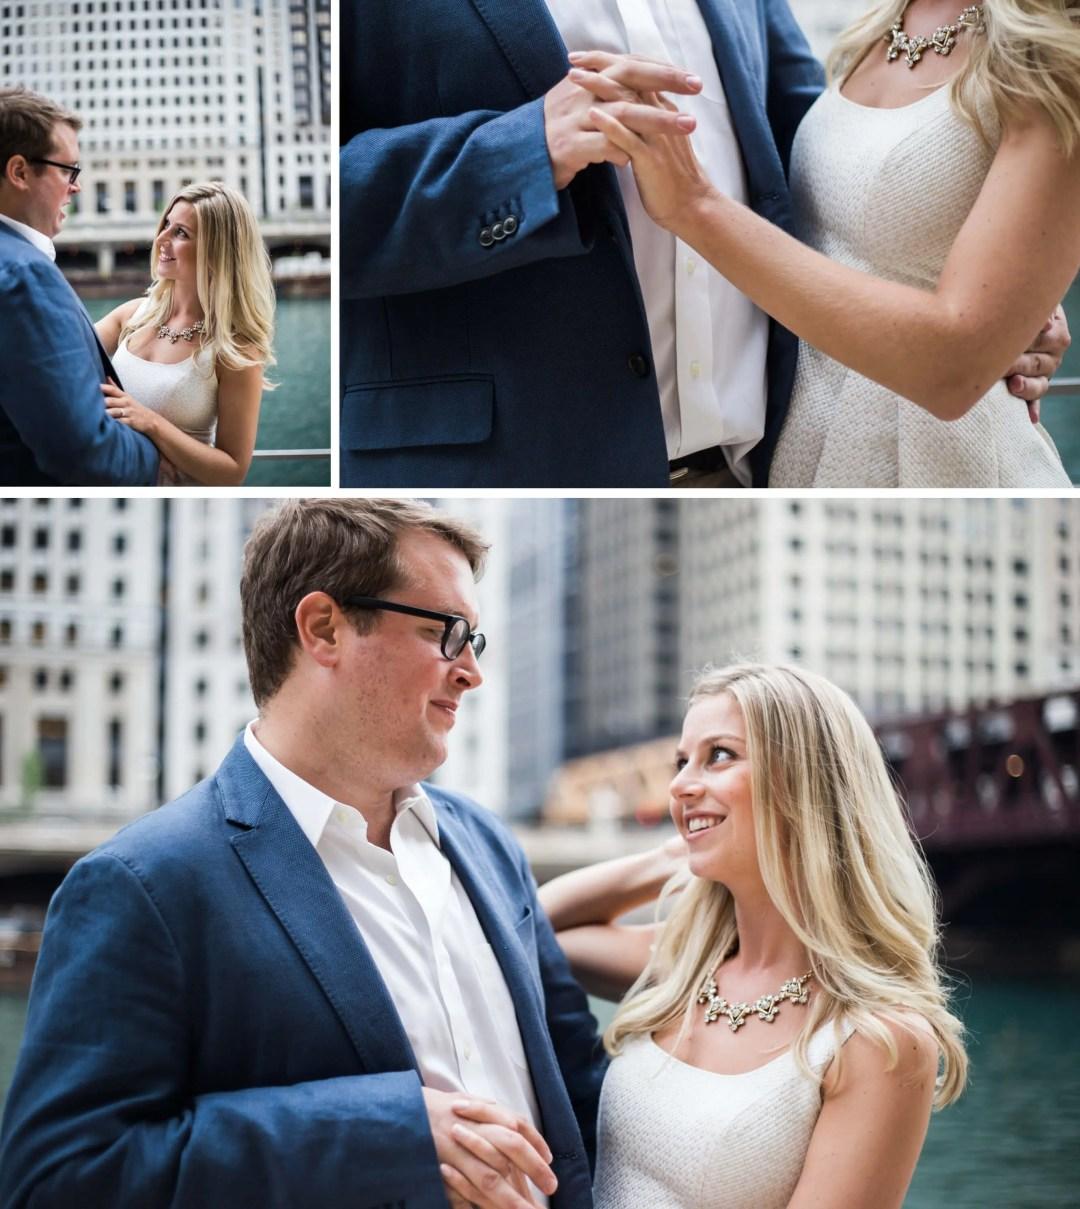 Cafe 300 Cafe Chicago engagement photoshoot - wedding photography Brighton